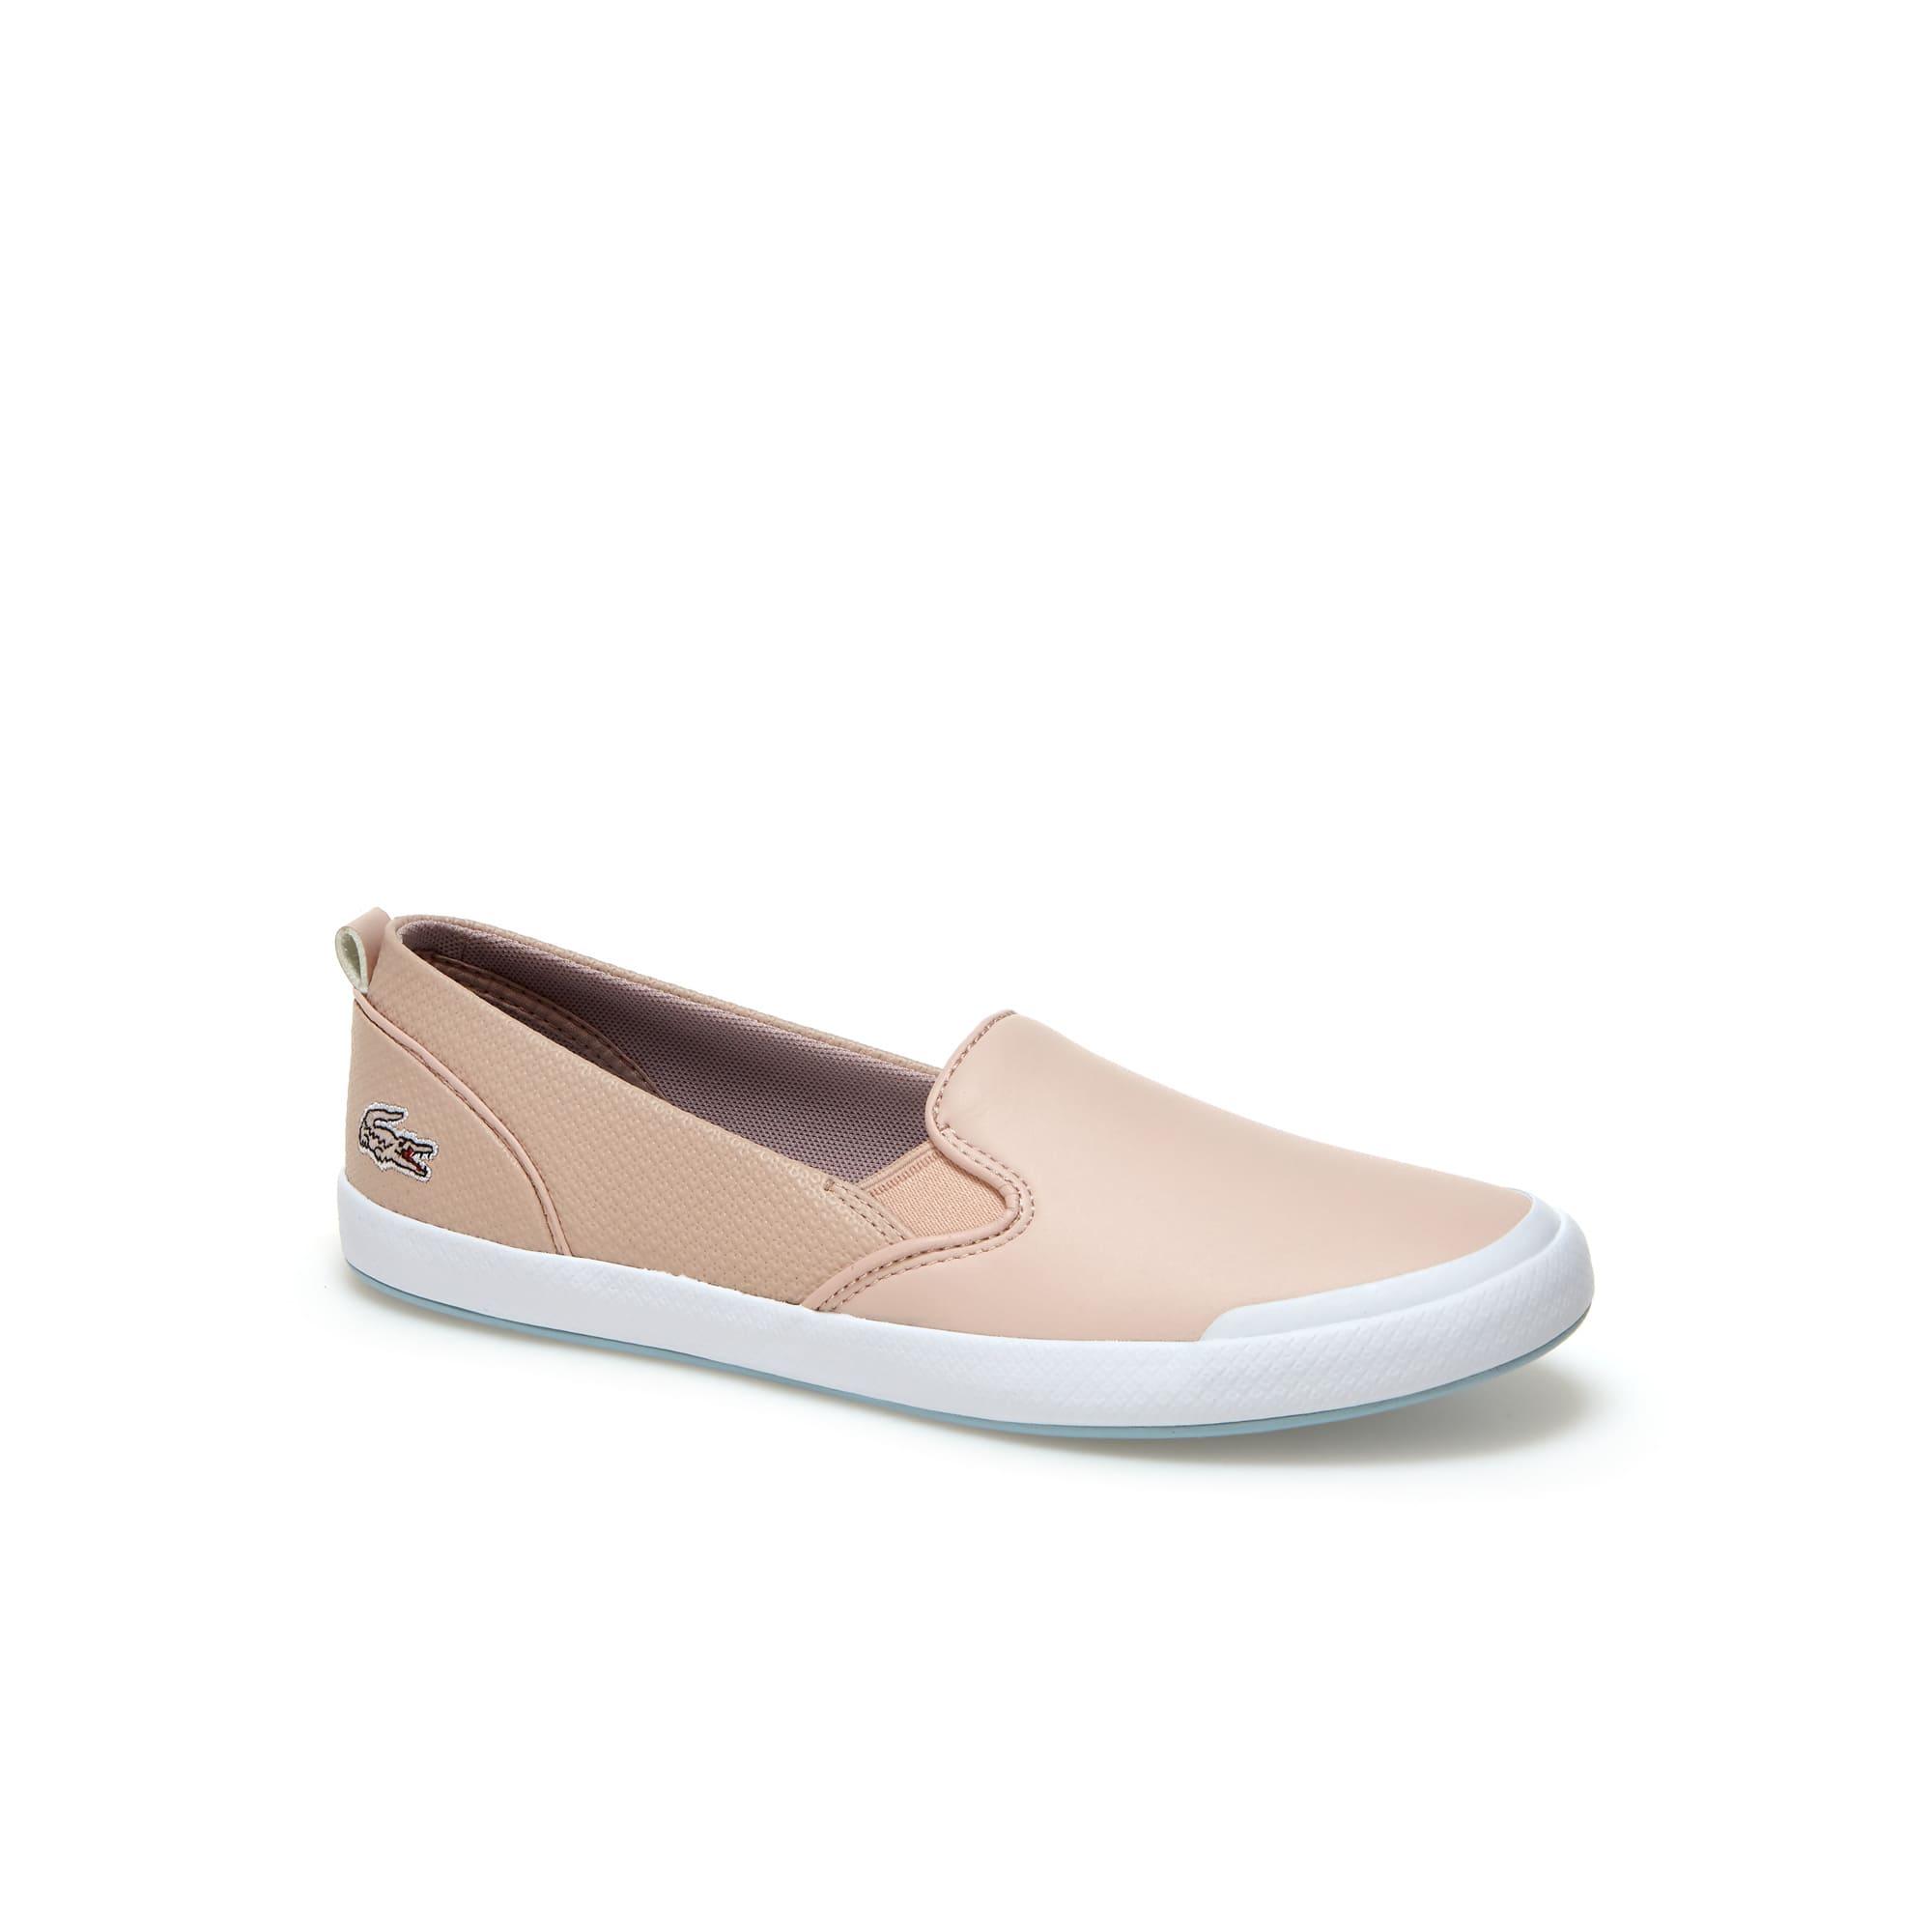 Women's Lancelle Slip On Leather Slip-ons